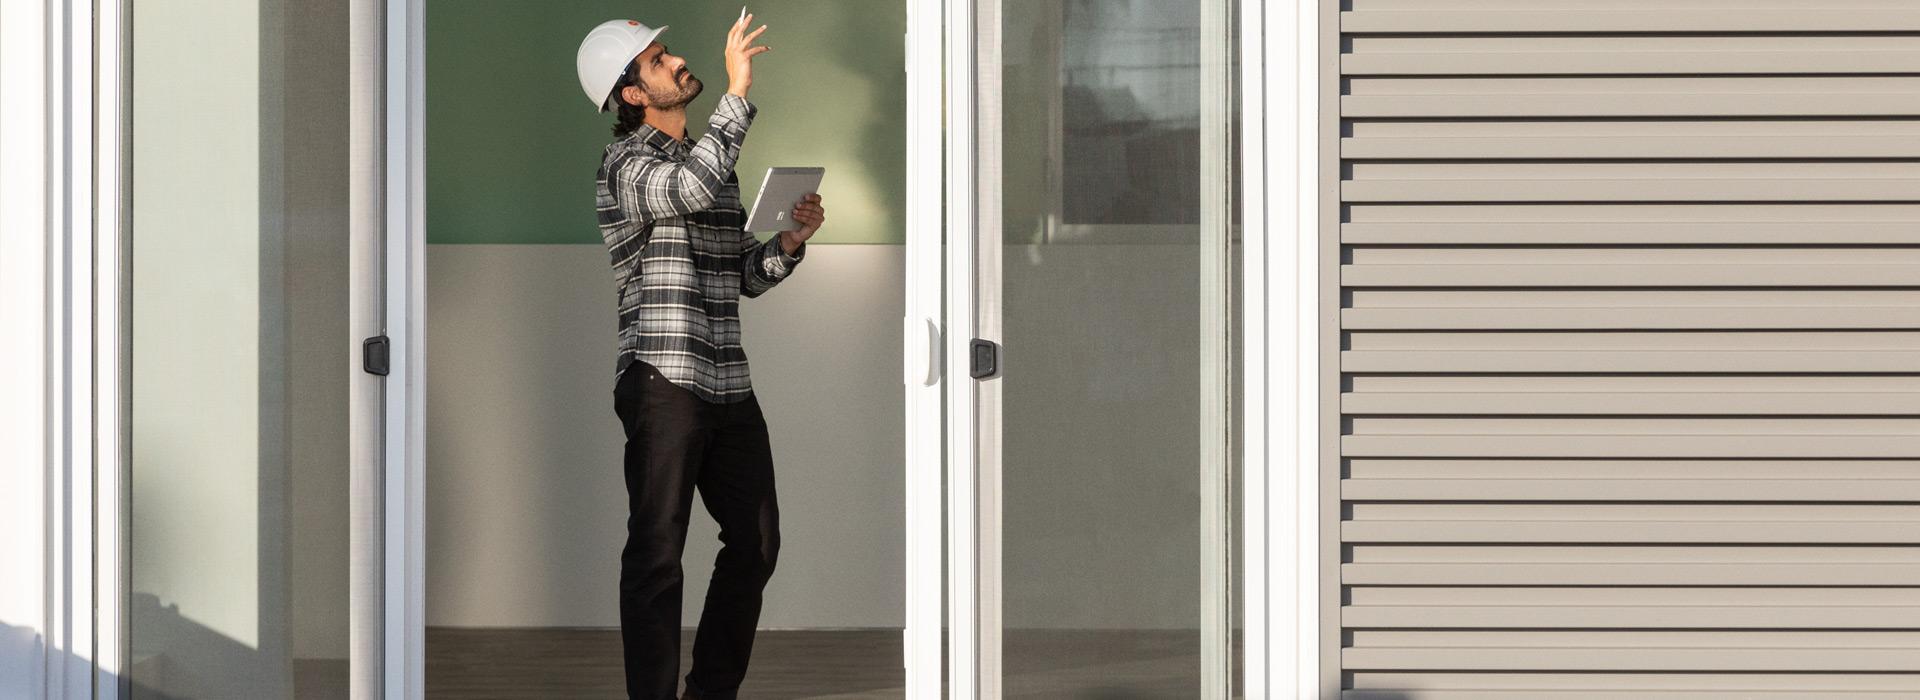 Un trabajador con un casco en una zona residencial sostiene un dispositivo Surface Go 2 en modo Tableta